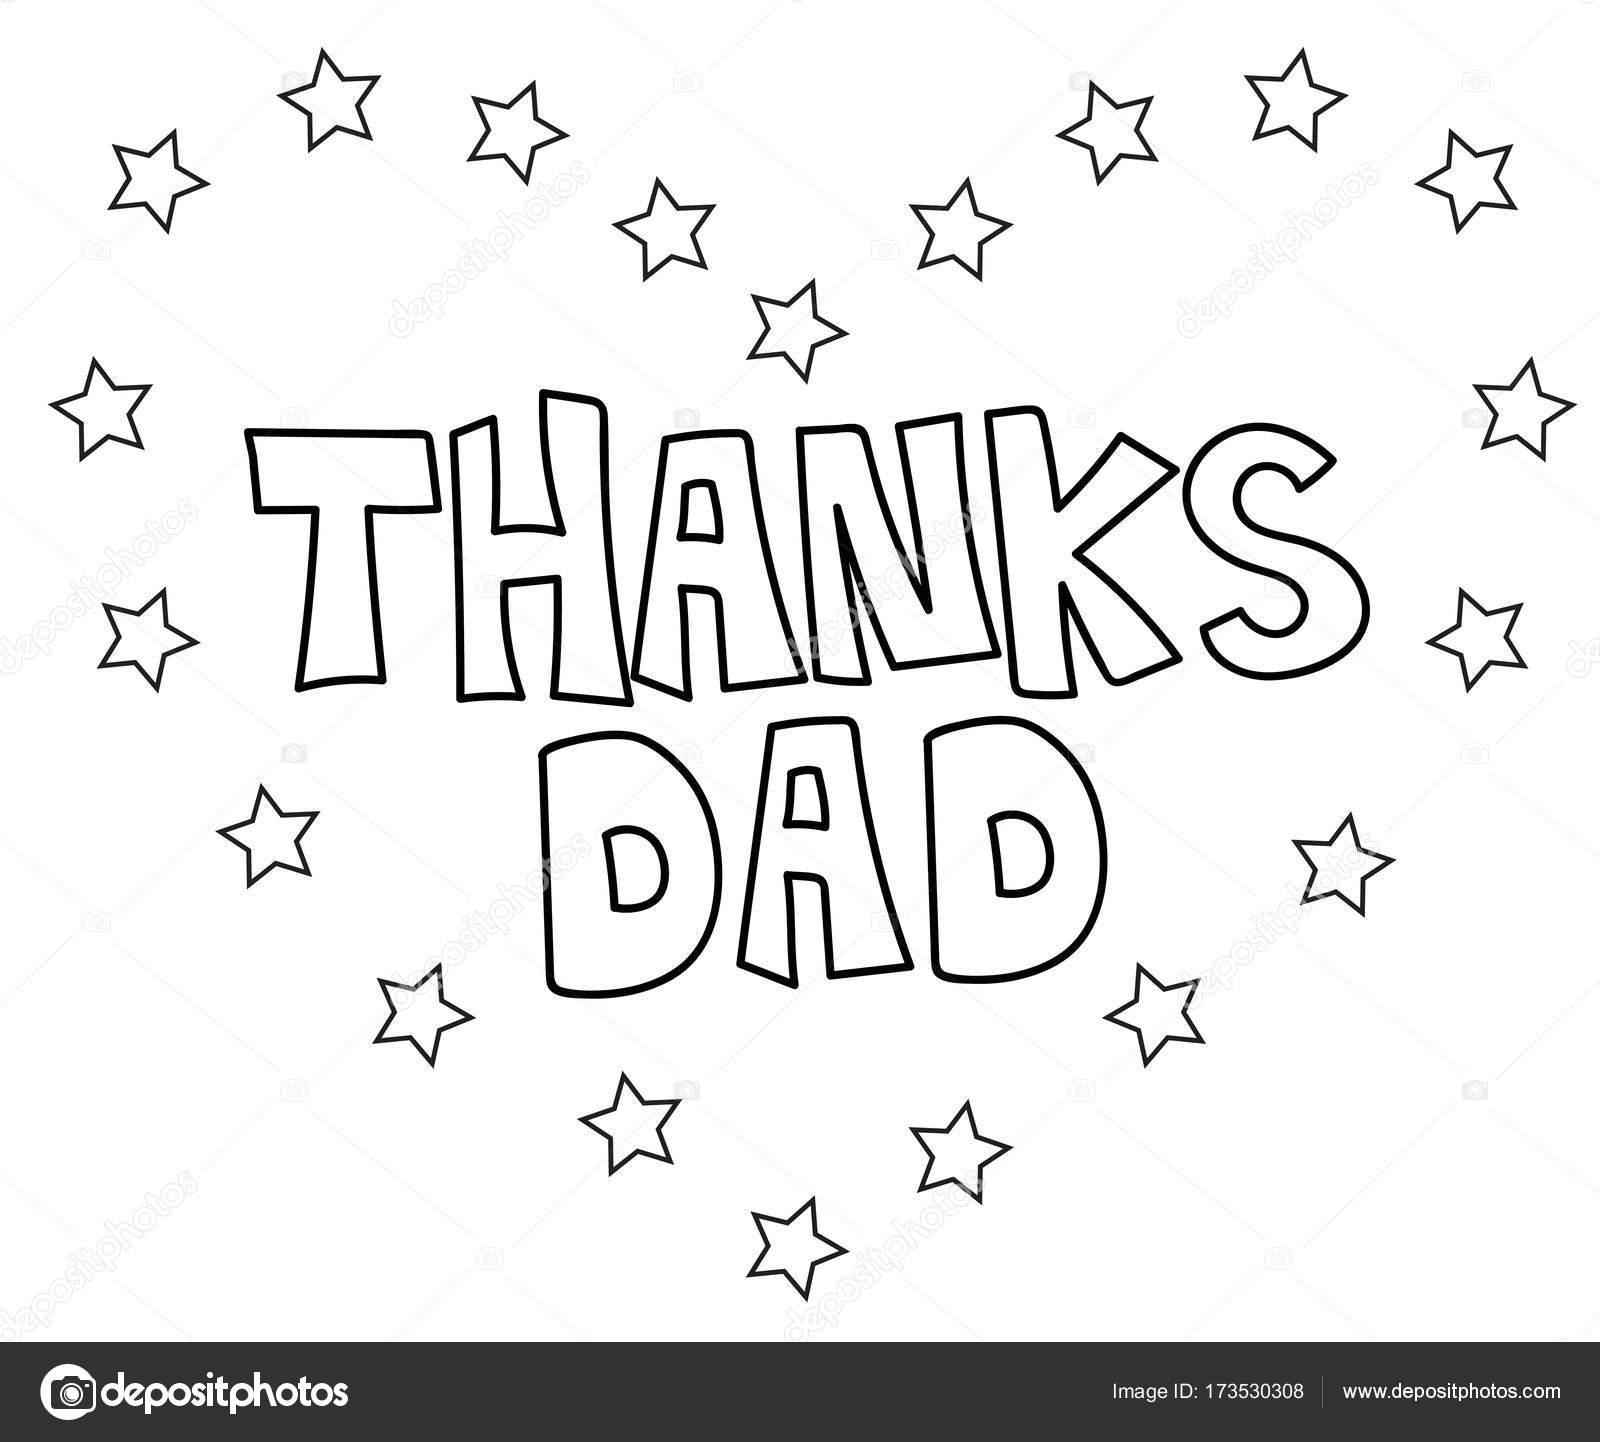 Danke Dad Herz Malvorlagen — Stockvektor © keeweegirl #173530308